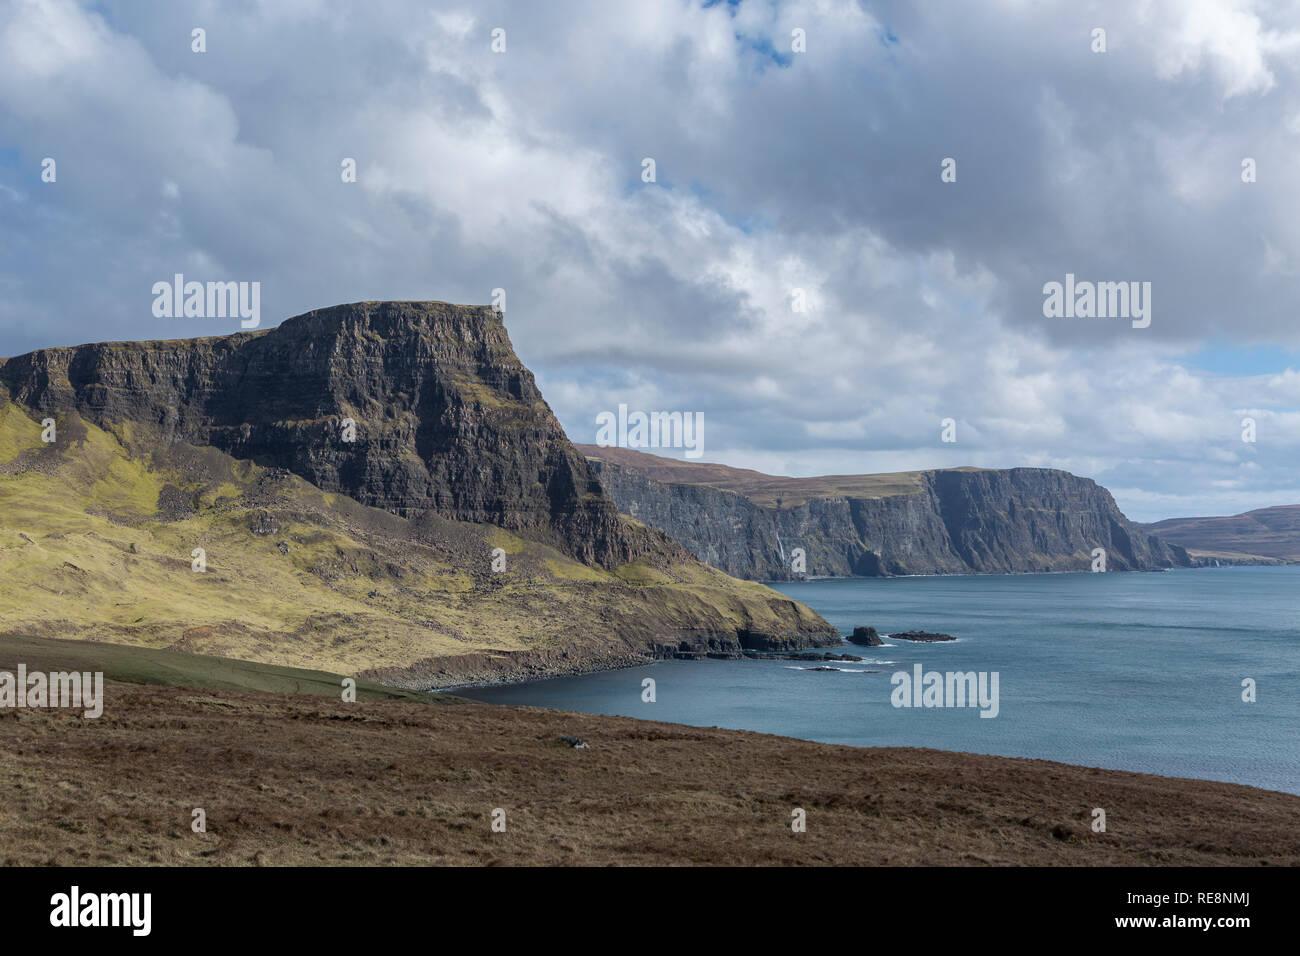 Waterstein Head y Moonen Bay desde Neist Point, Isla de Skye, Escocia Foto de stock